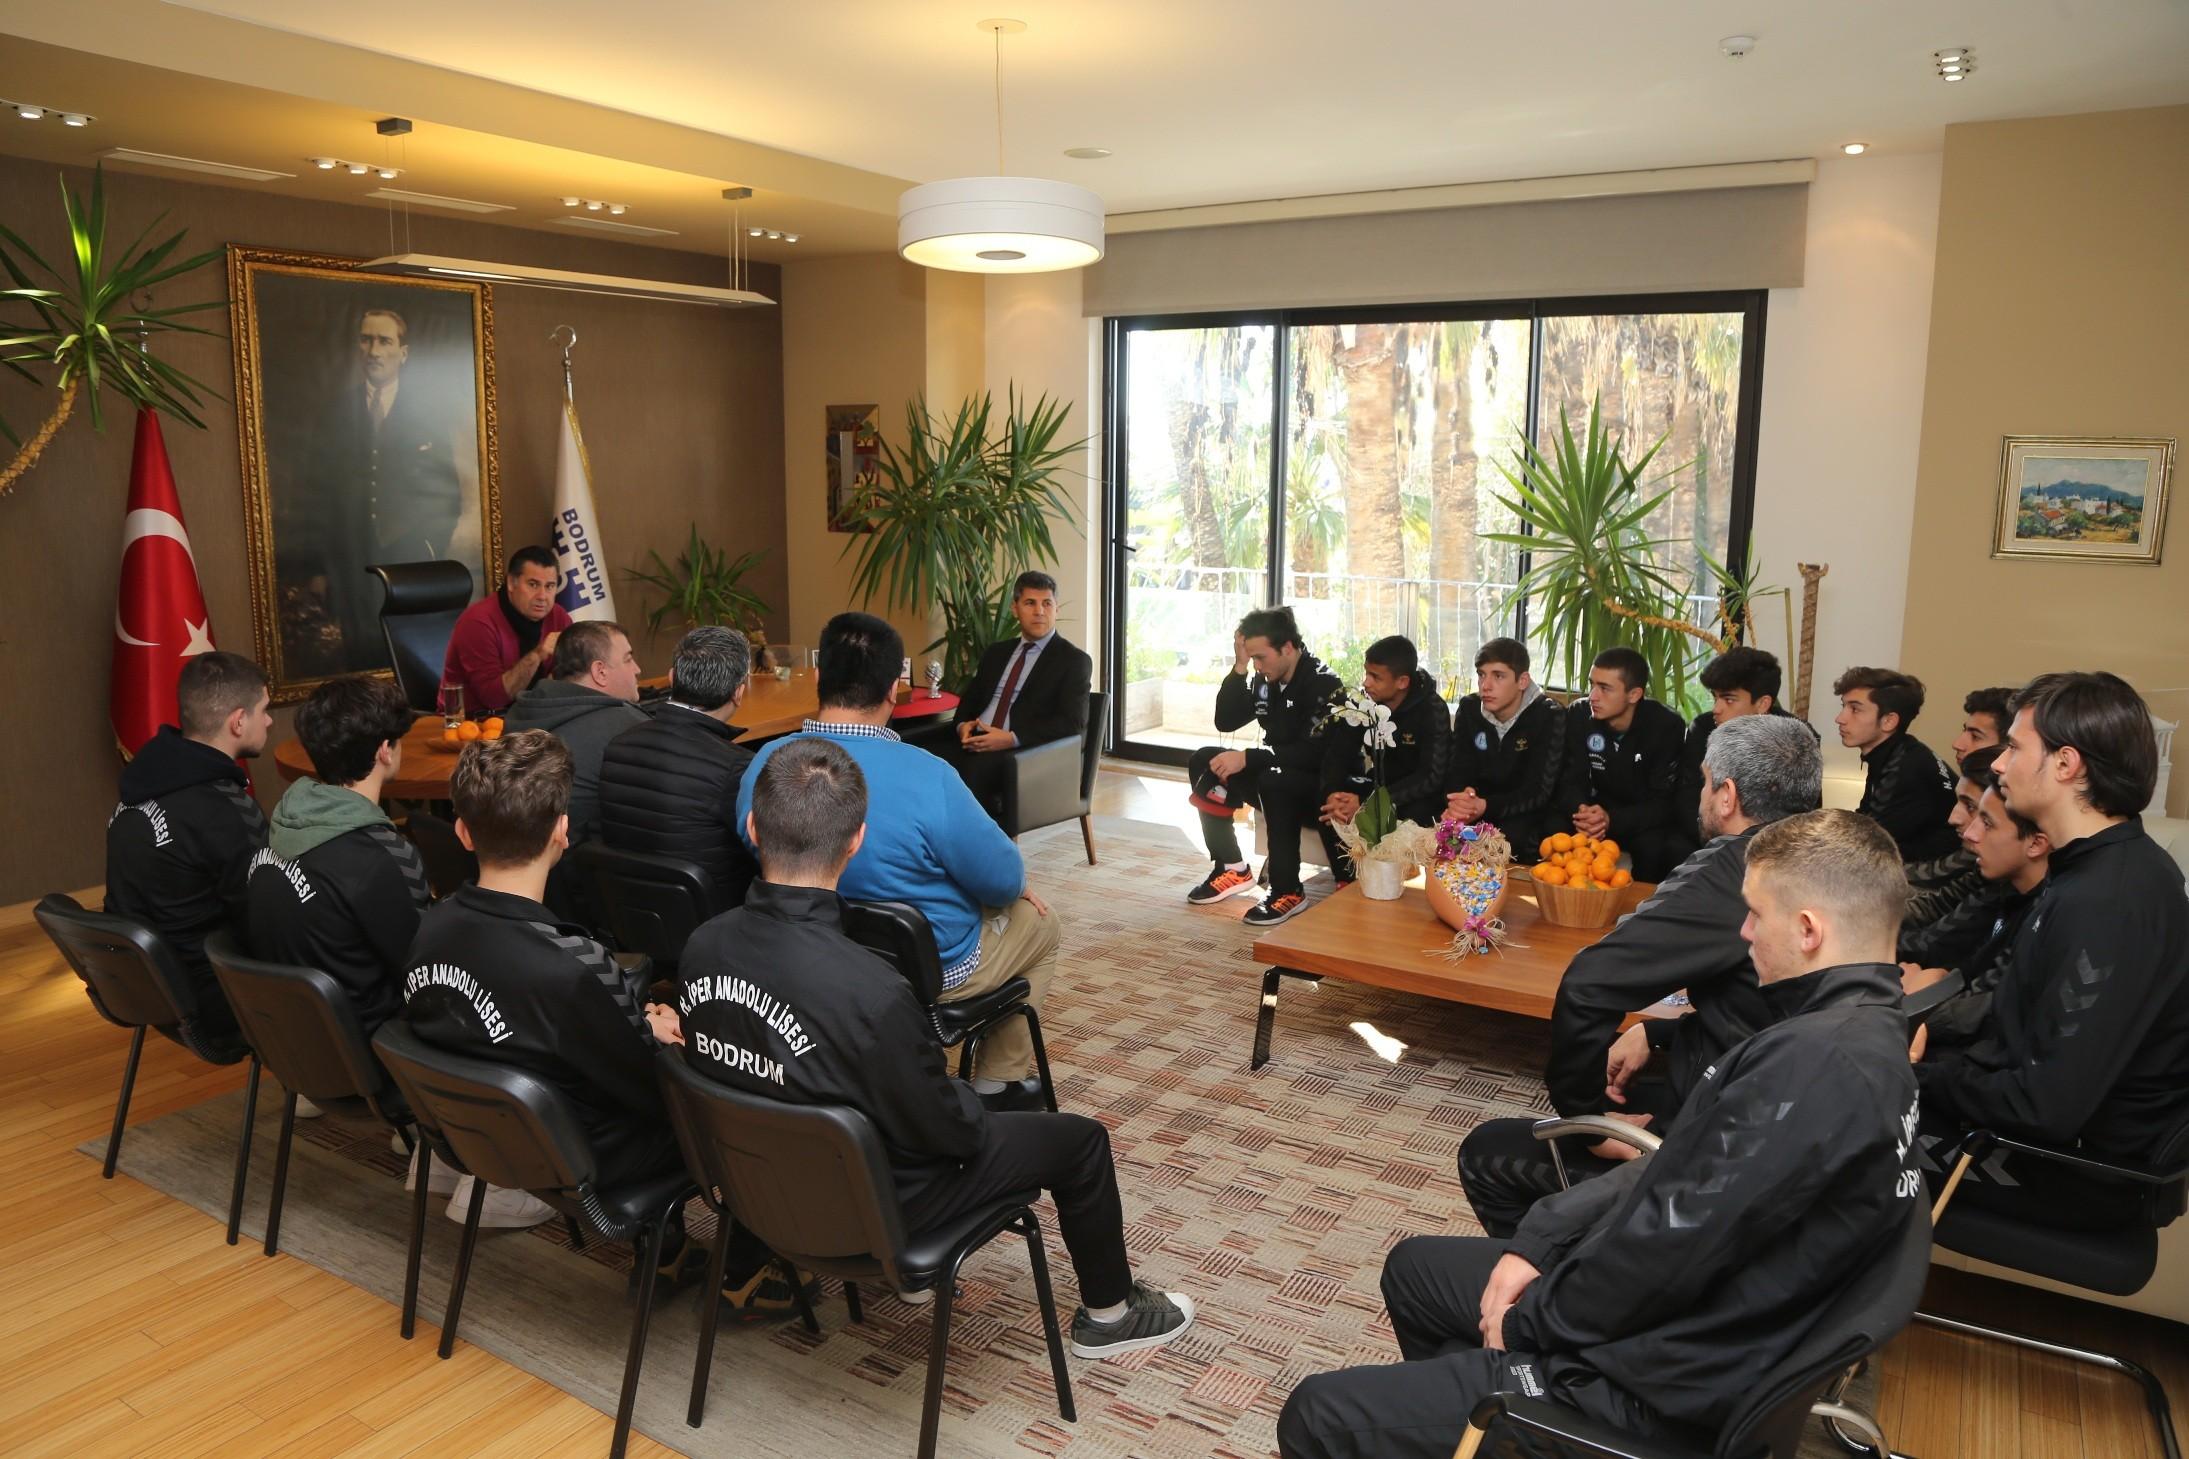 mehmet kocadon LİSELİ FUTBOLCULAR BAŞKAN KOCADON'U MAKAMINDA ZİYARET ETTİ.. liseli futbolculardan baskan kocadona ziyaret 1